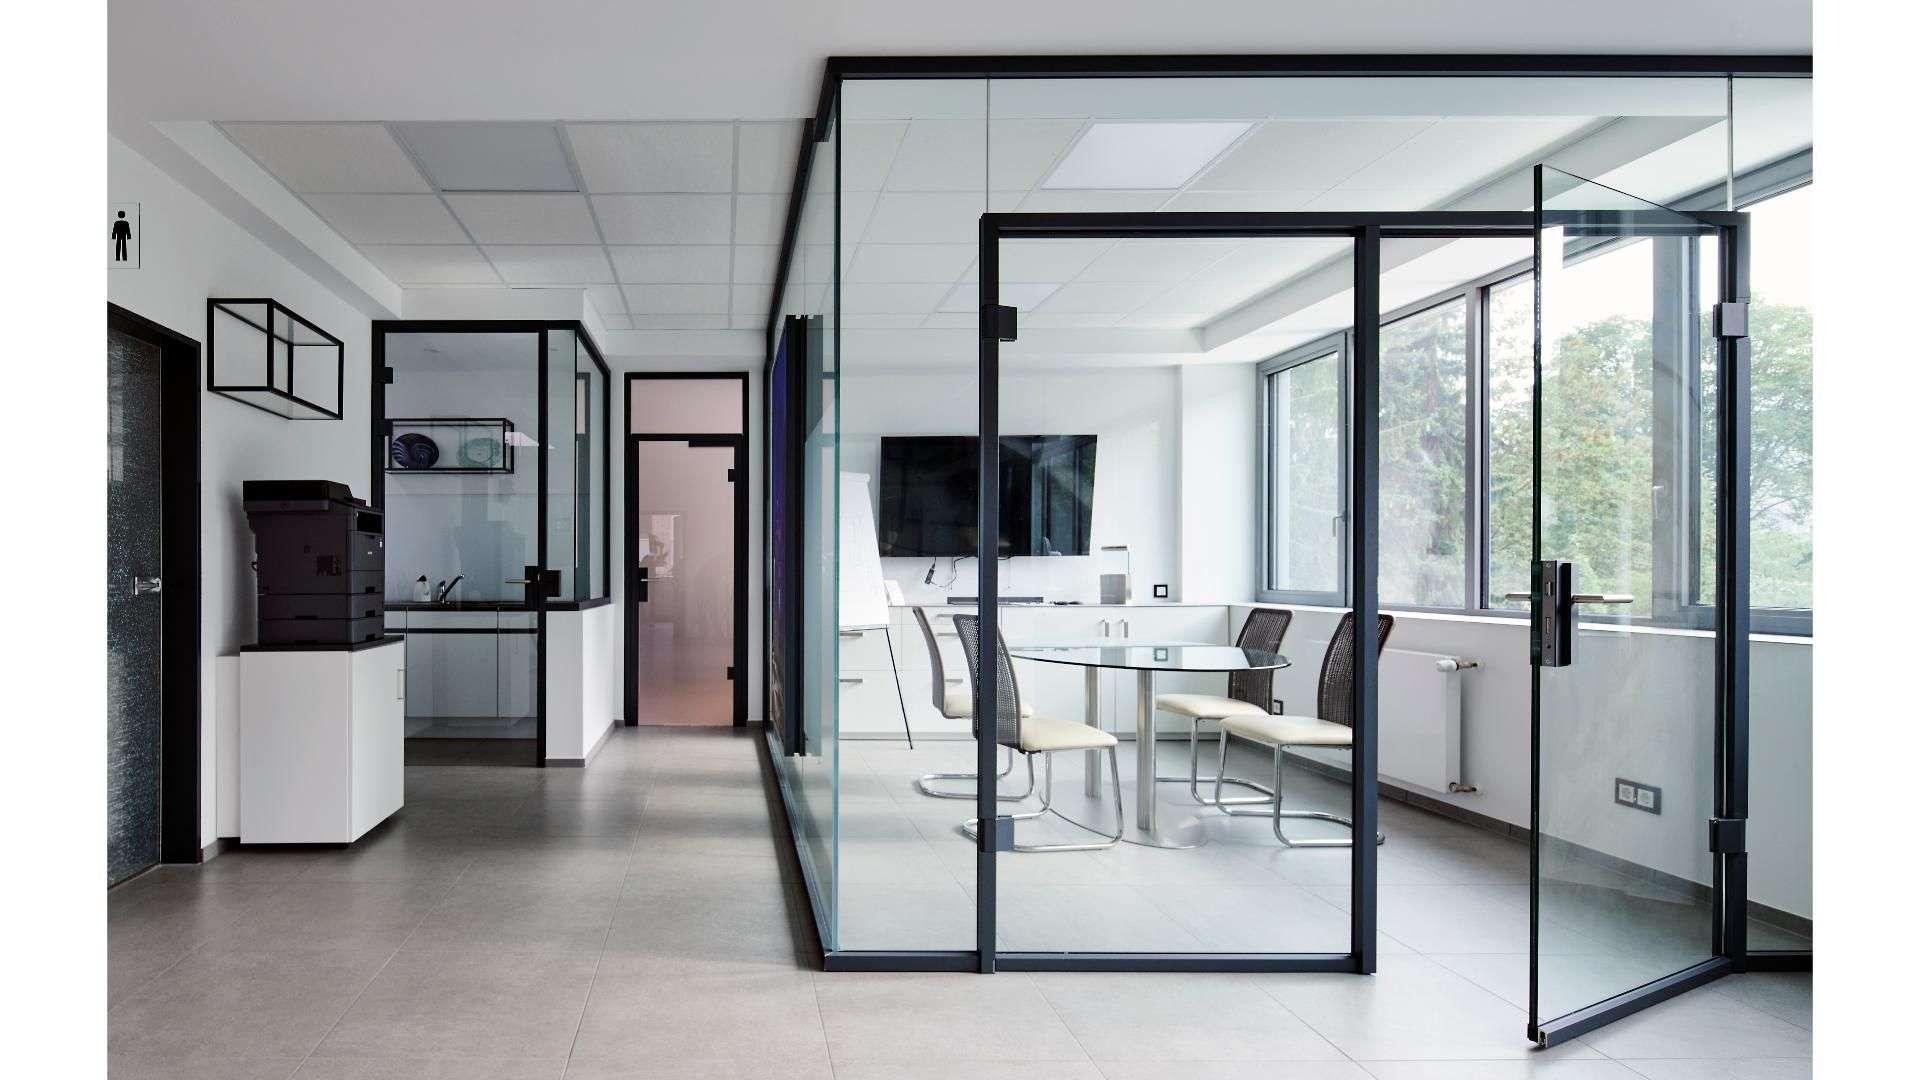 Innenansicht der Ausstellung von Menke-Glas in Bielefeld